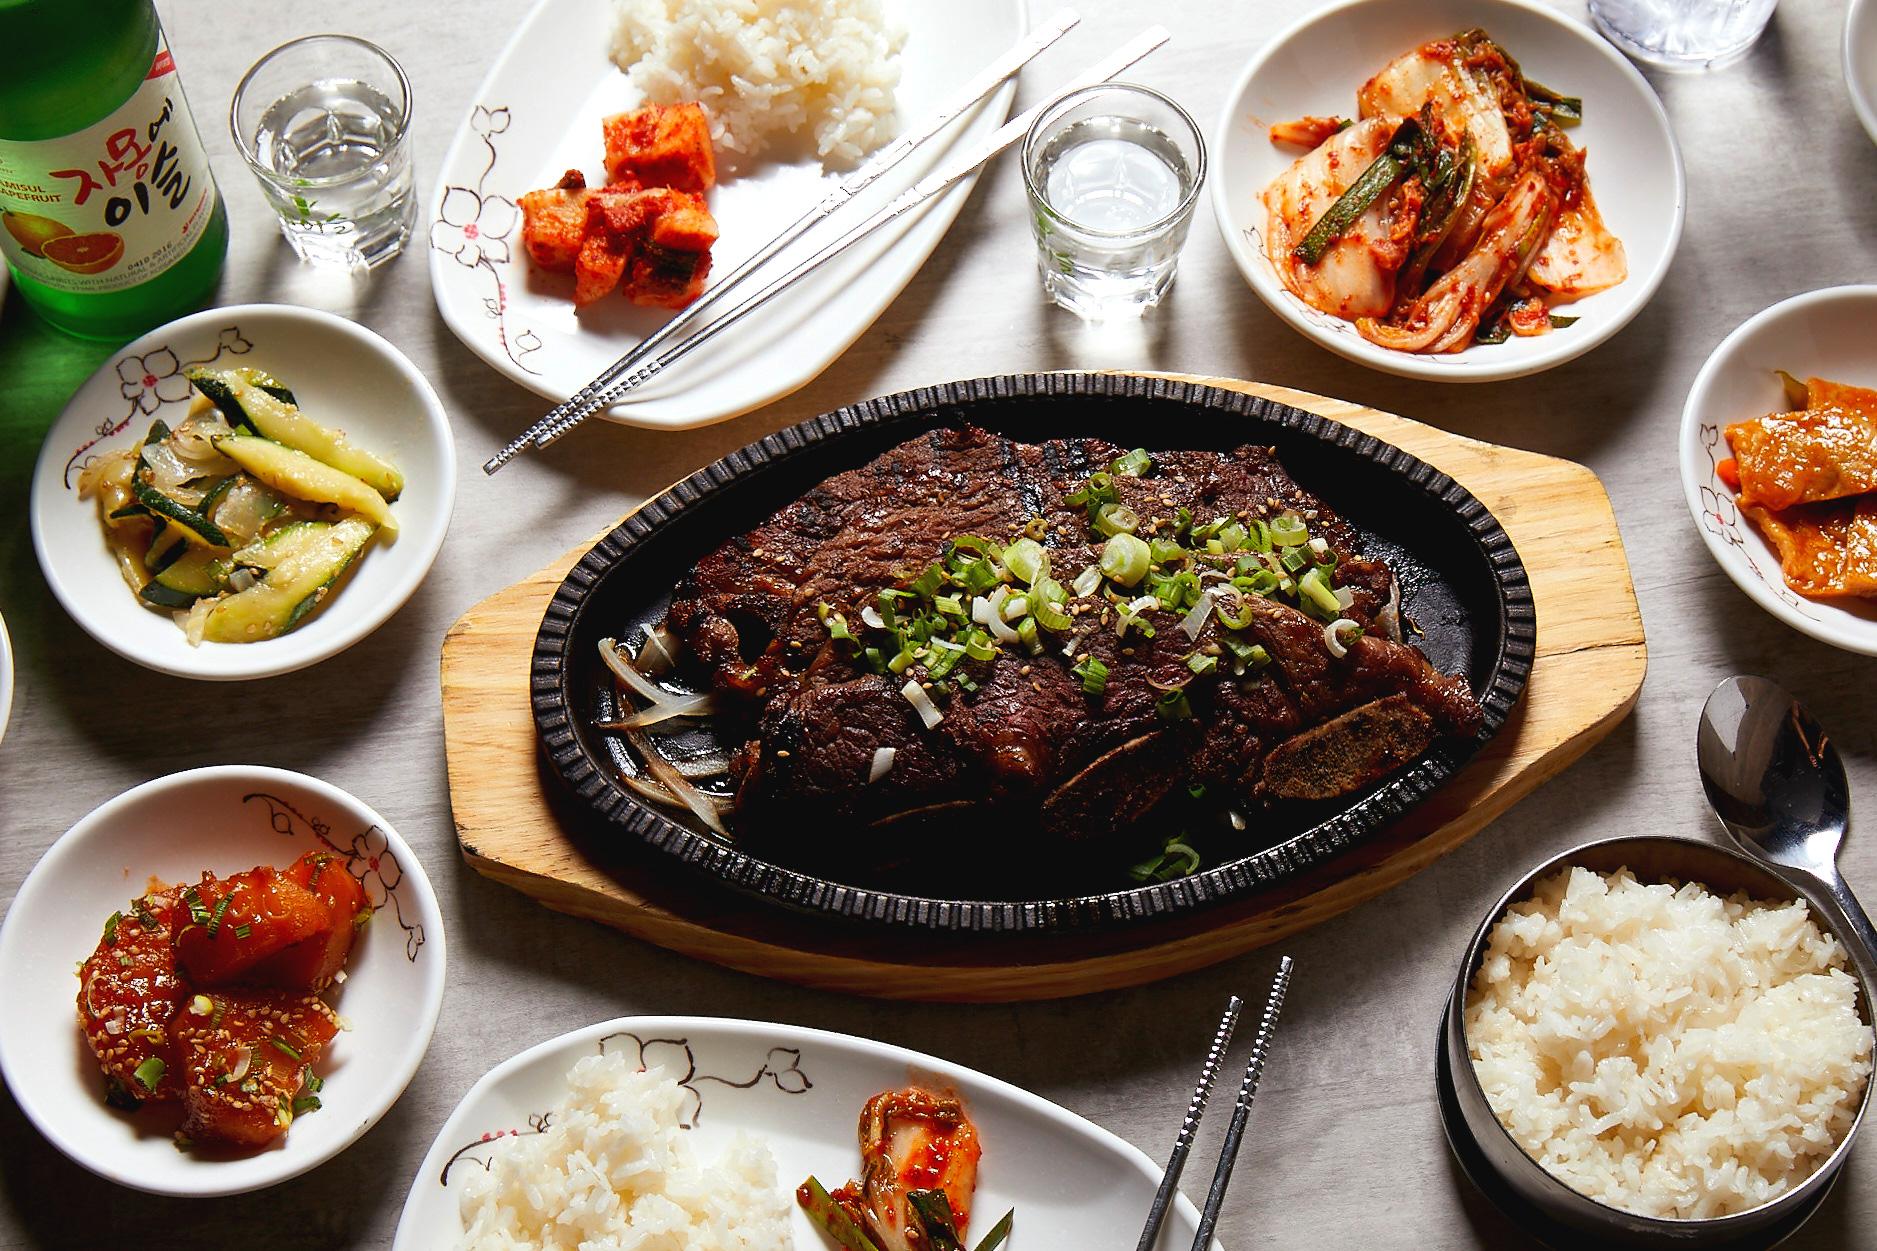 Korean Restaurant Near Me Open Now